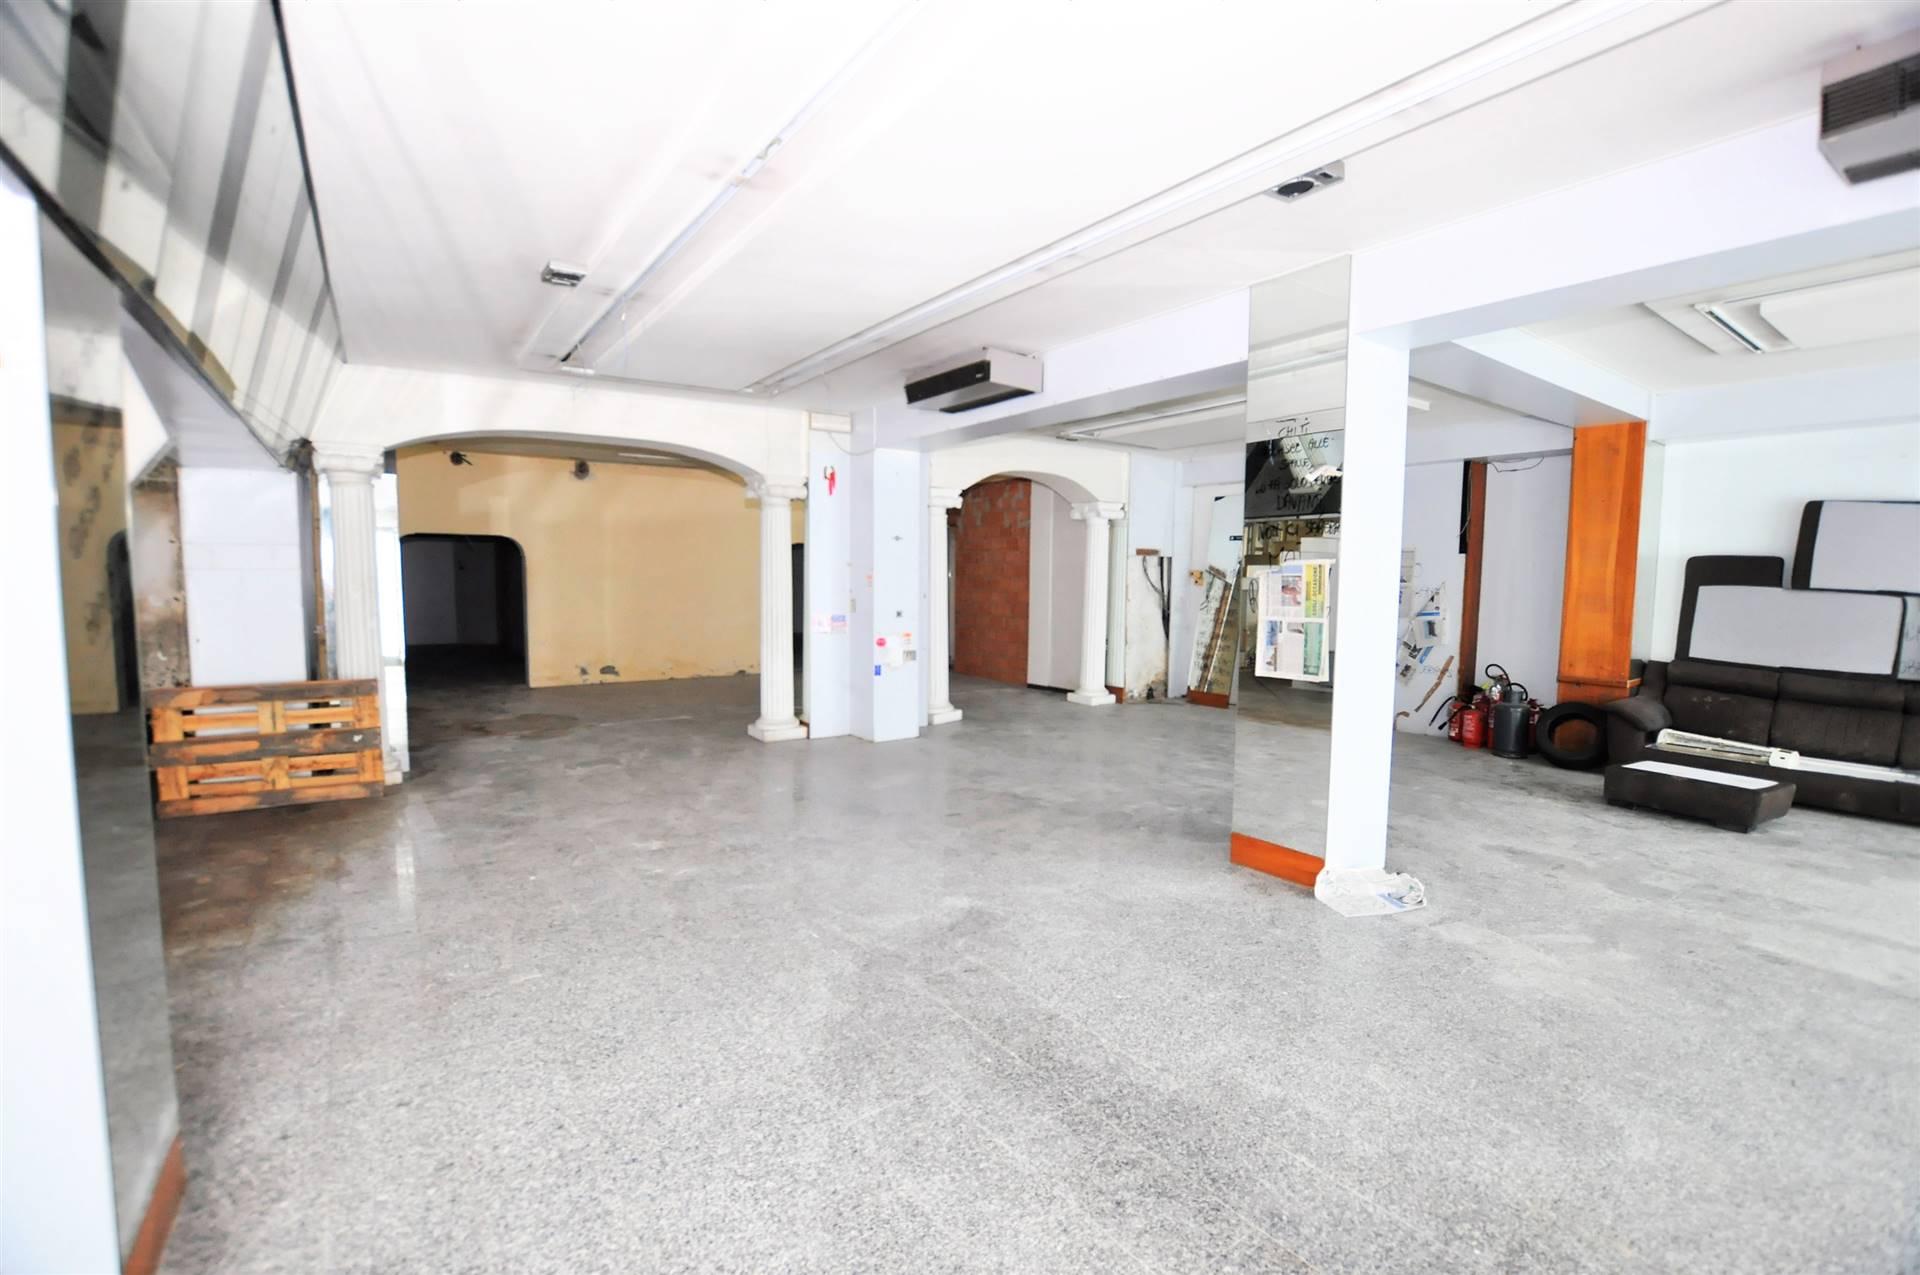 Immobile Commerciale in vendita a Chiesina Uzzanese, 10 locali, prezzo € 170.000 | CambioCasa.it